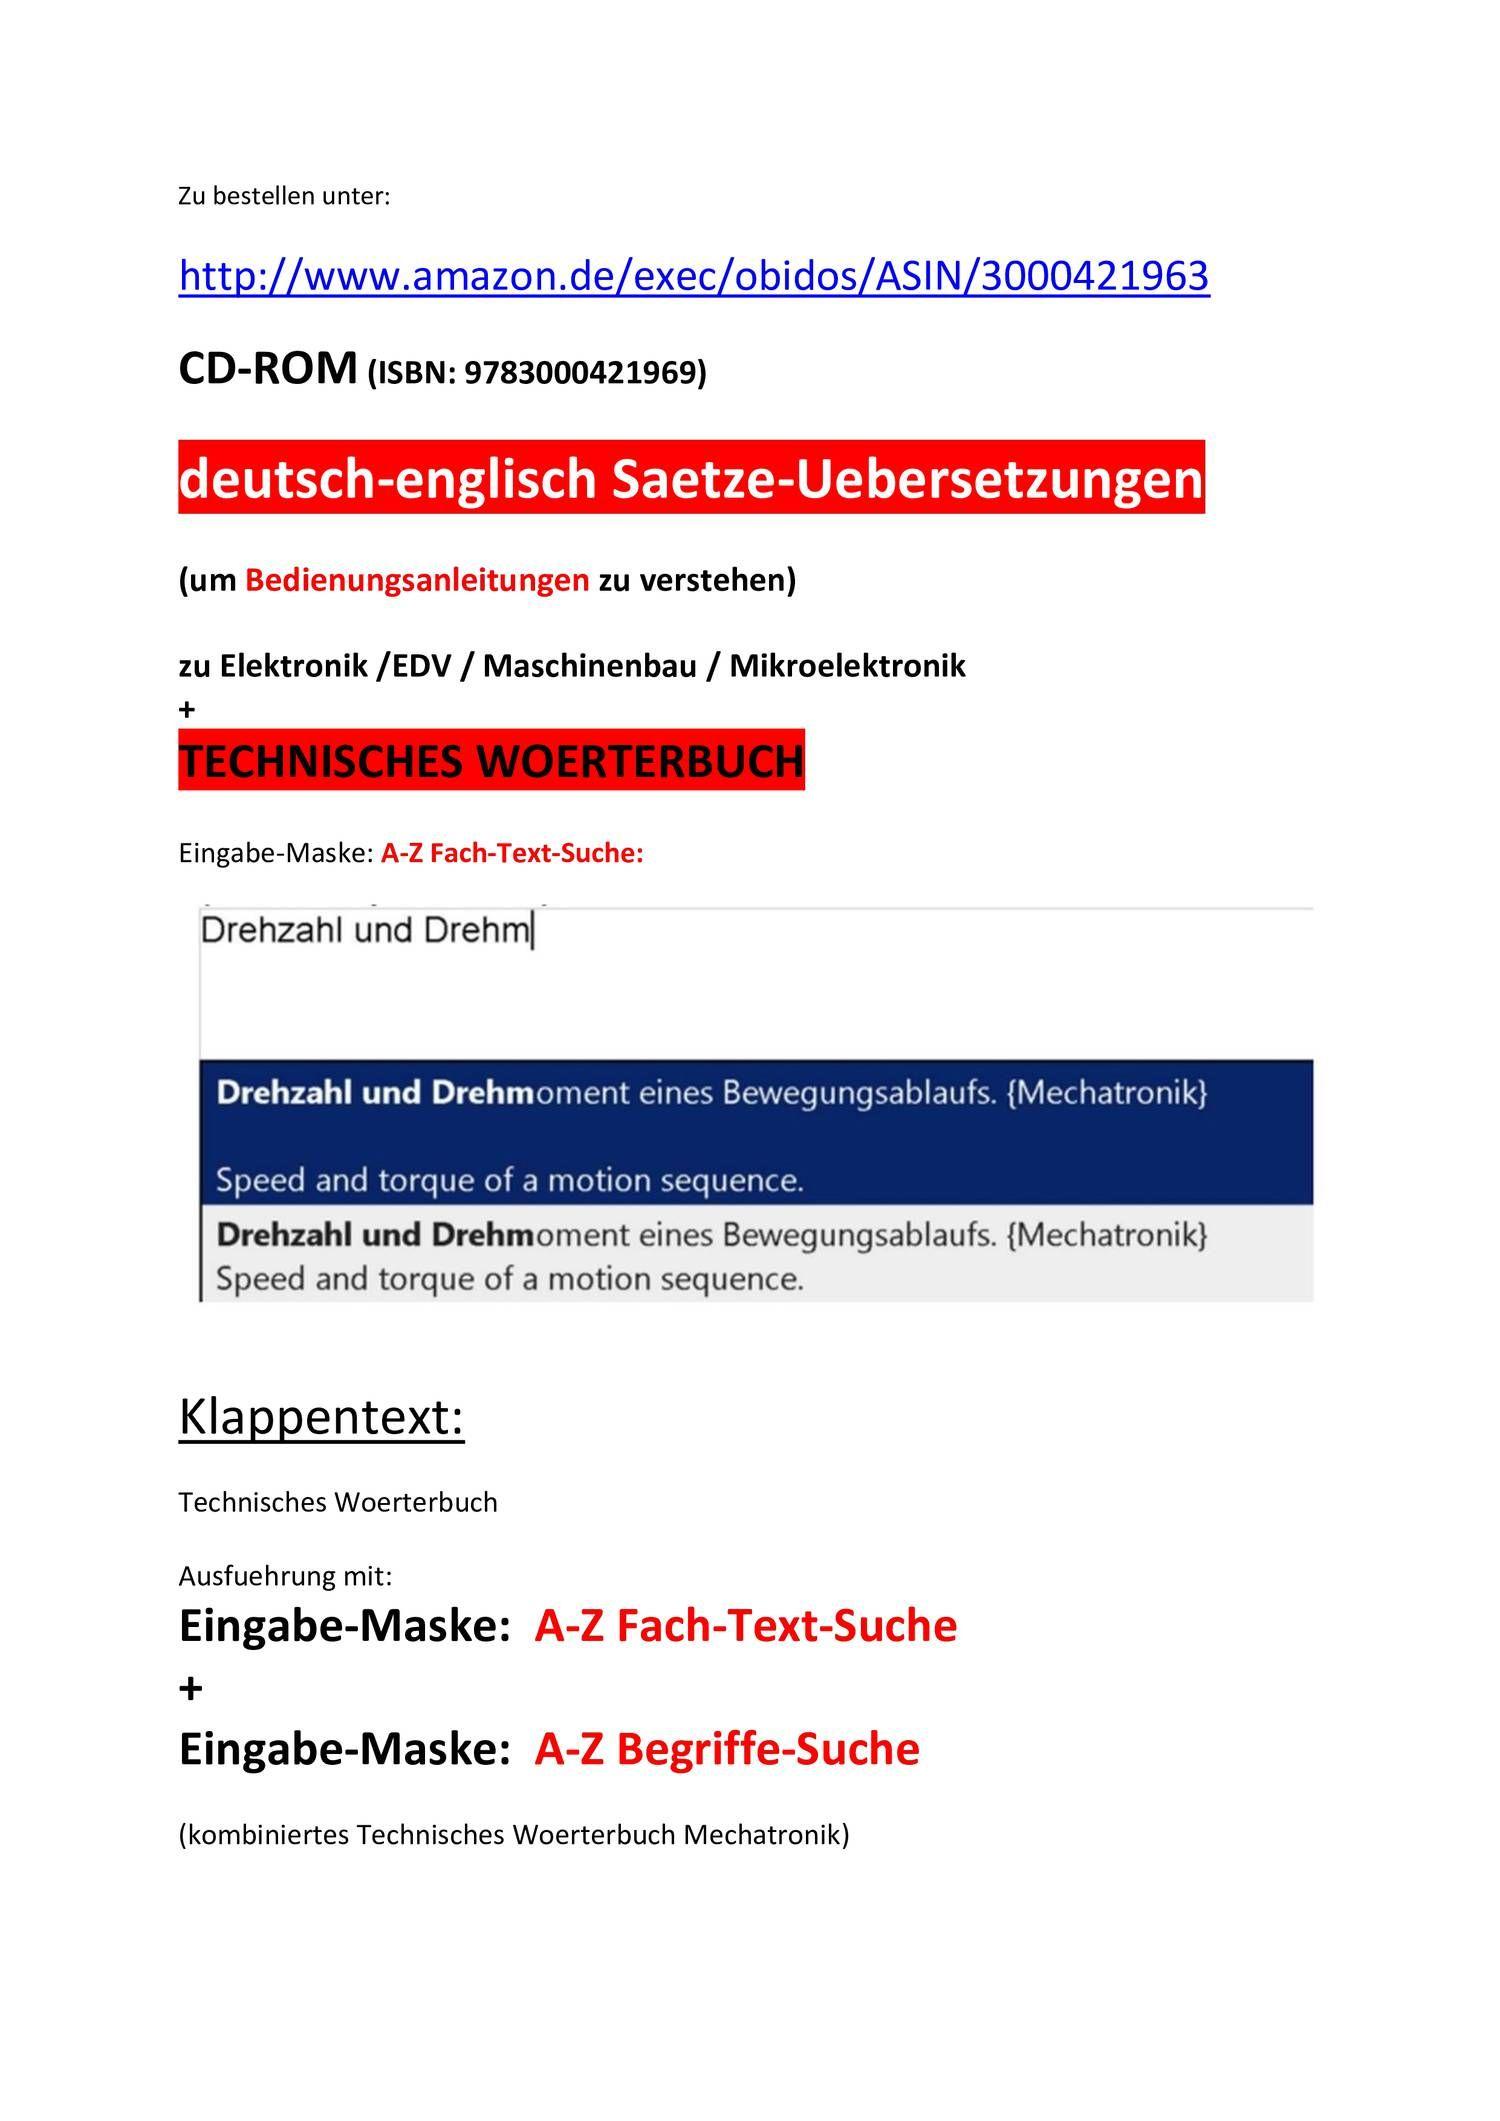 Deutsch Englisch Uebersetzer Fuer Unterlagen Dokumente Montageanleitung Datenblatt Handbuch Betriebsanleitung Pdf Anleitungen Englische Satze Bucher